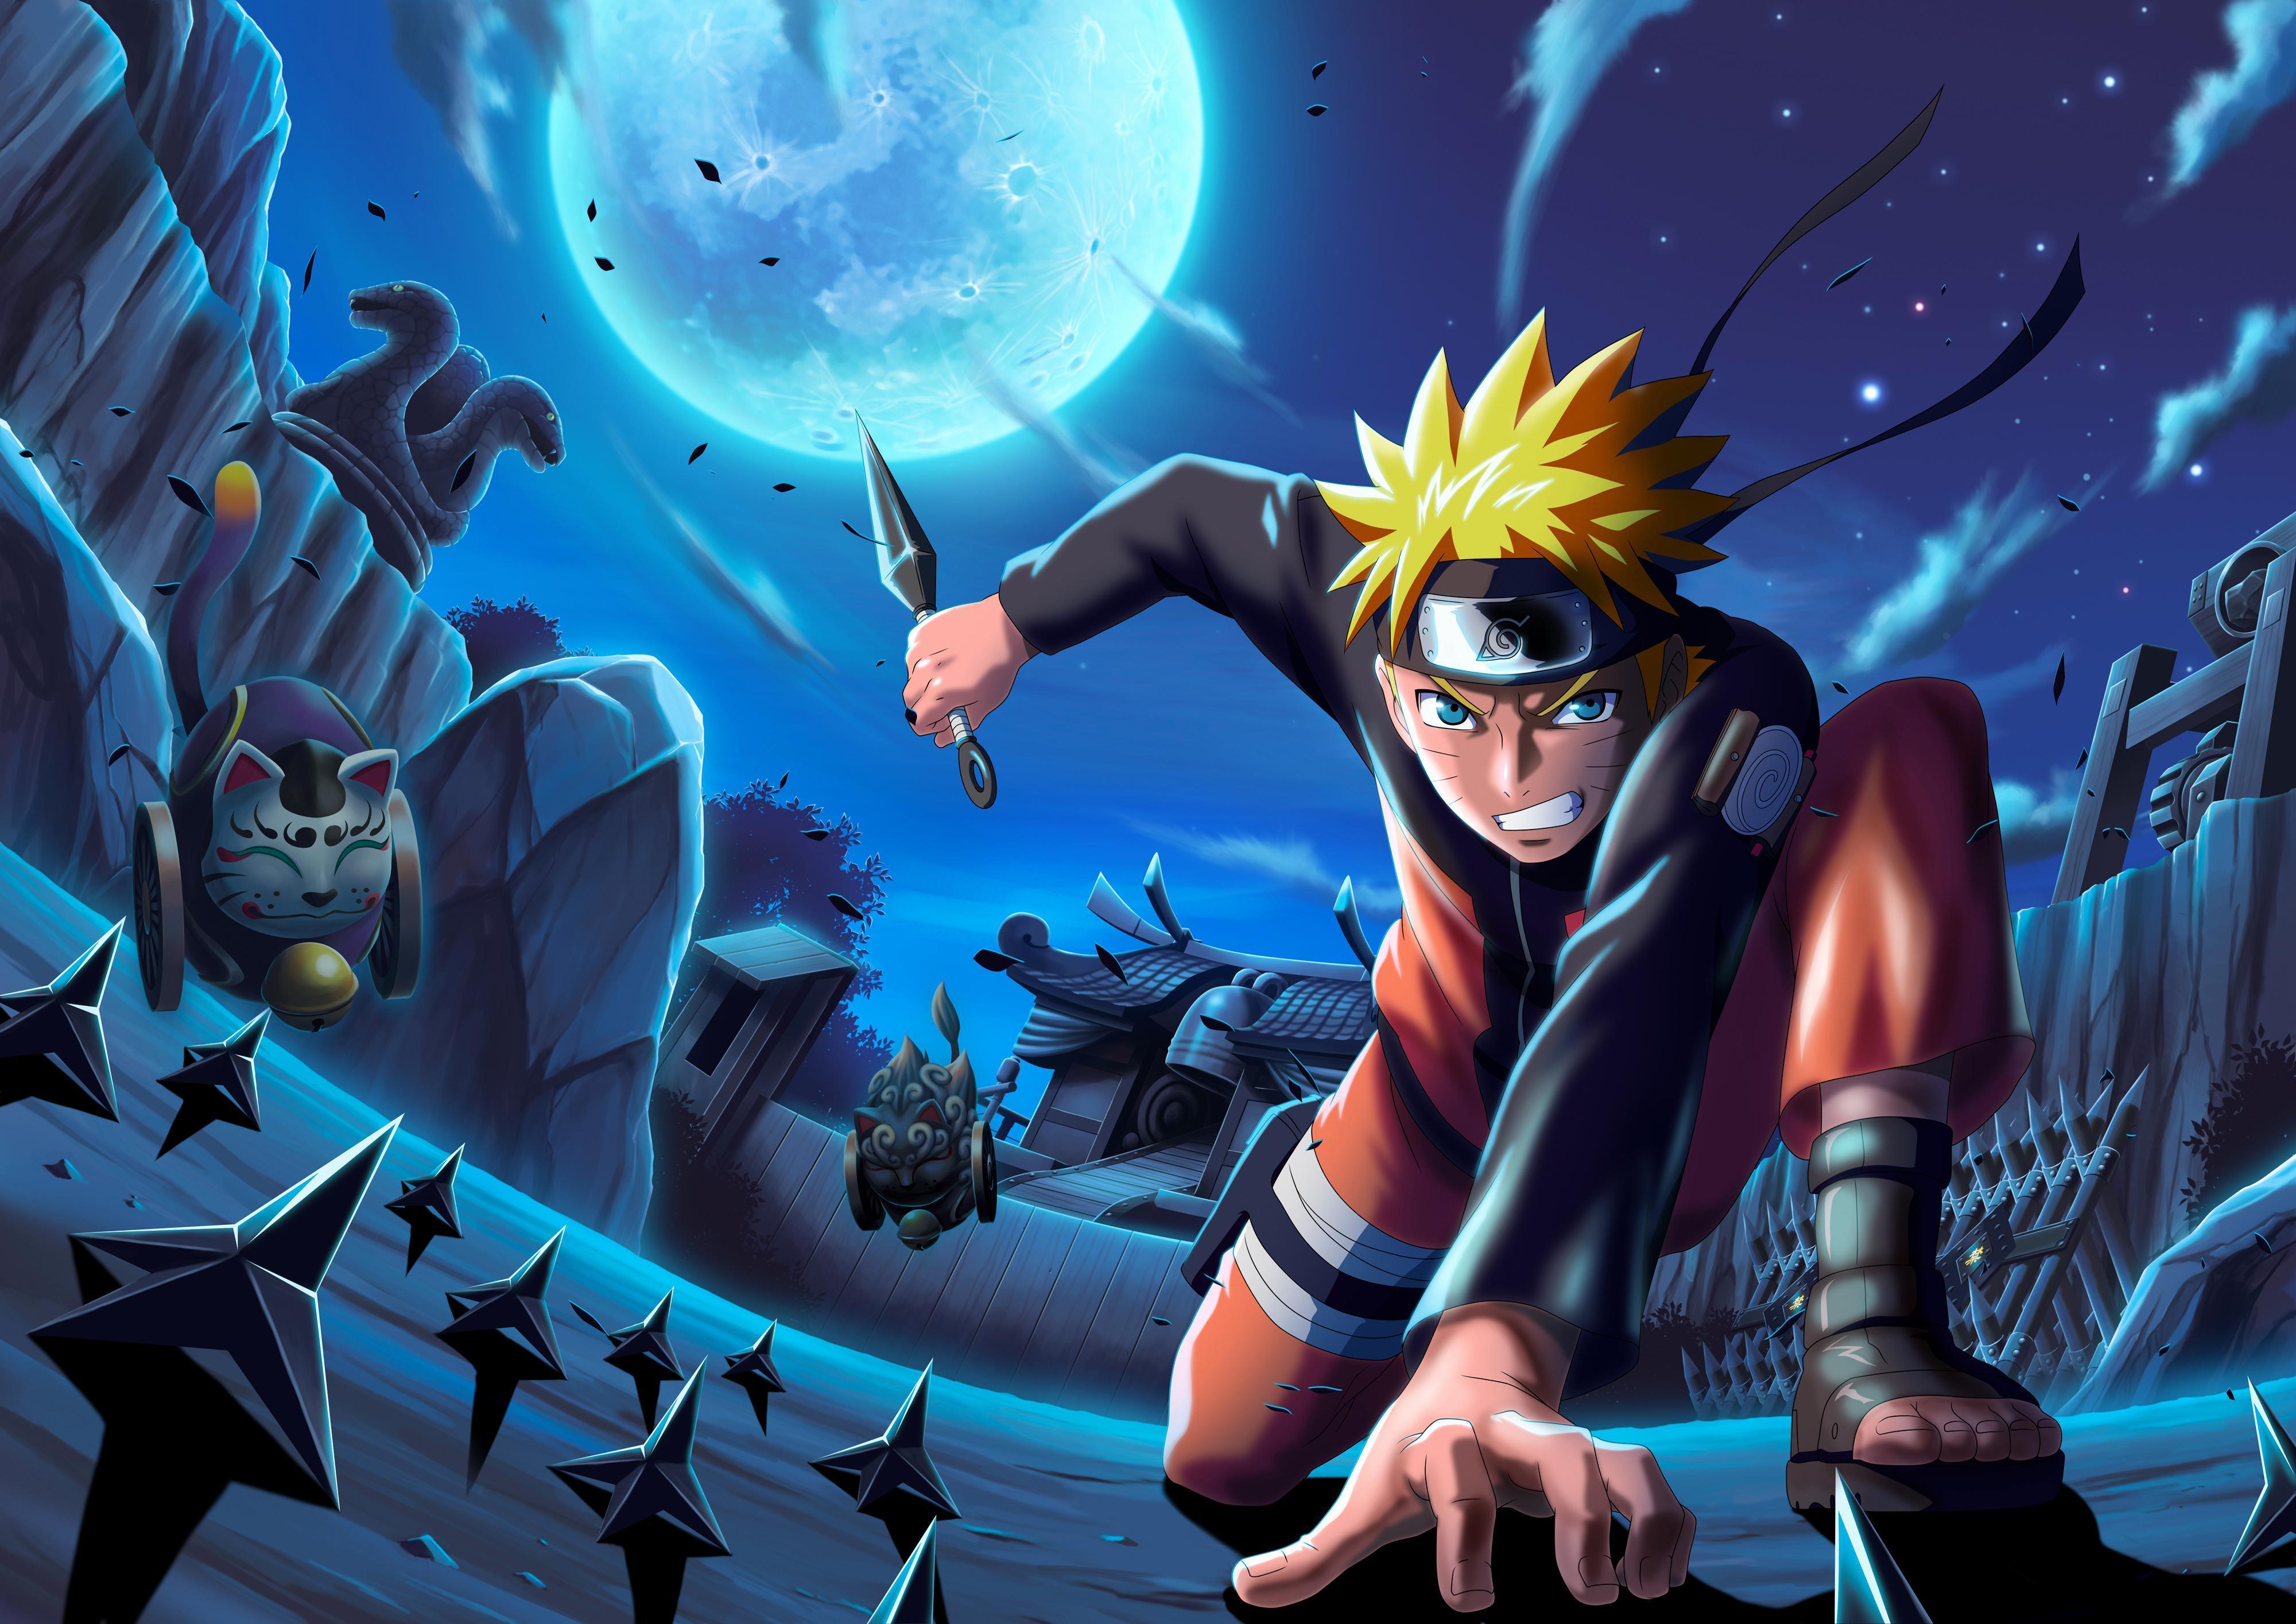 Naruto 4K Wallpapers - Wallpaper Cave